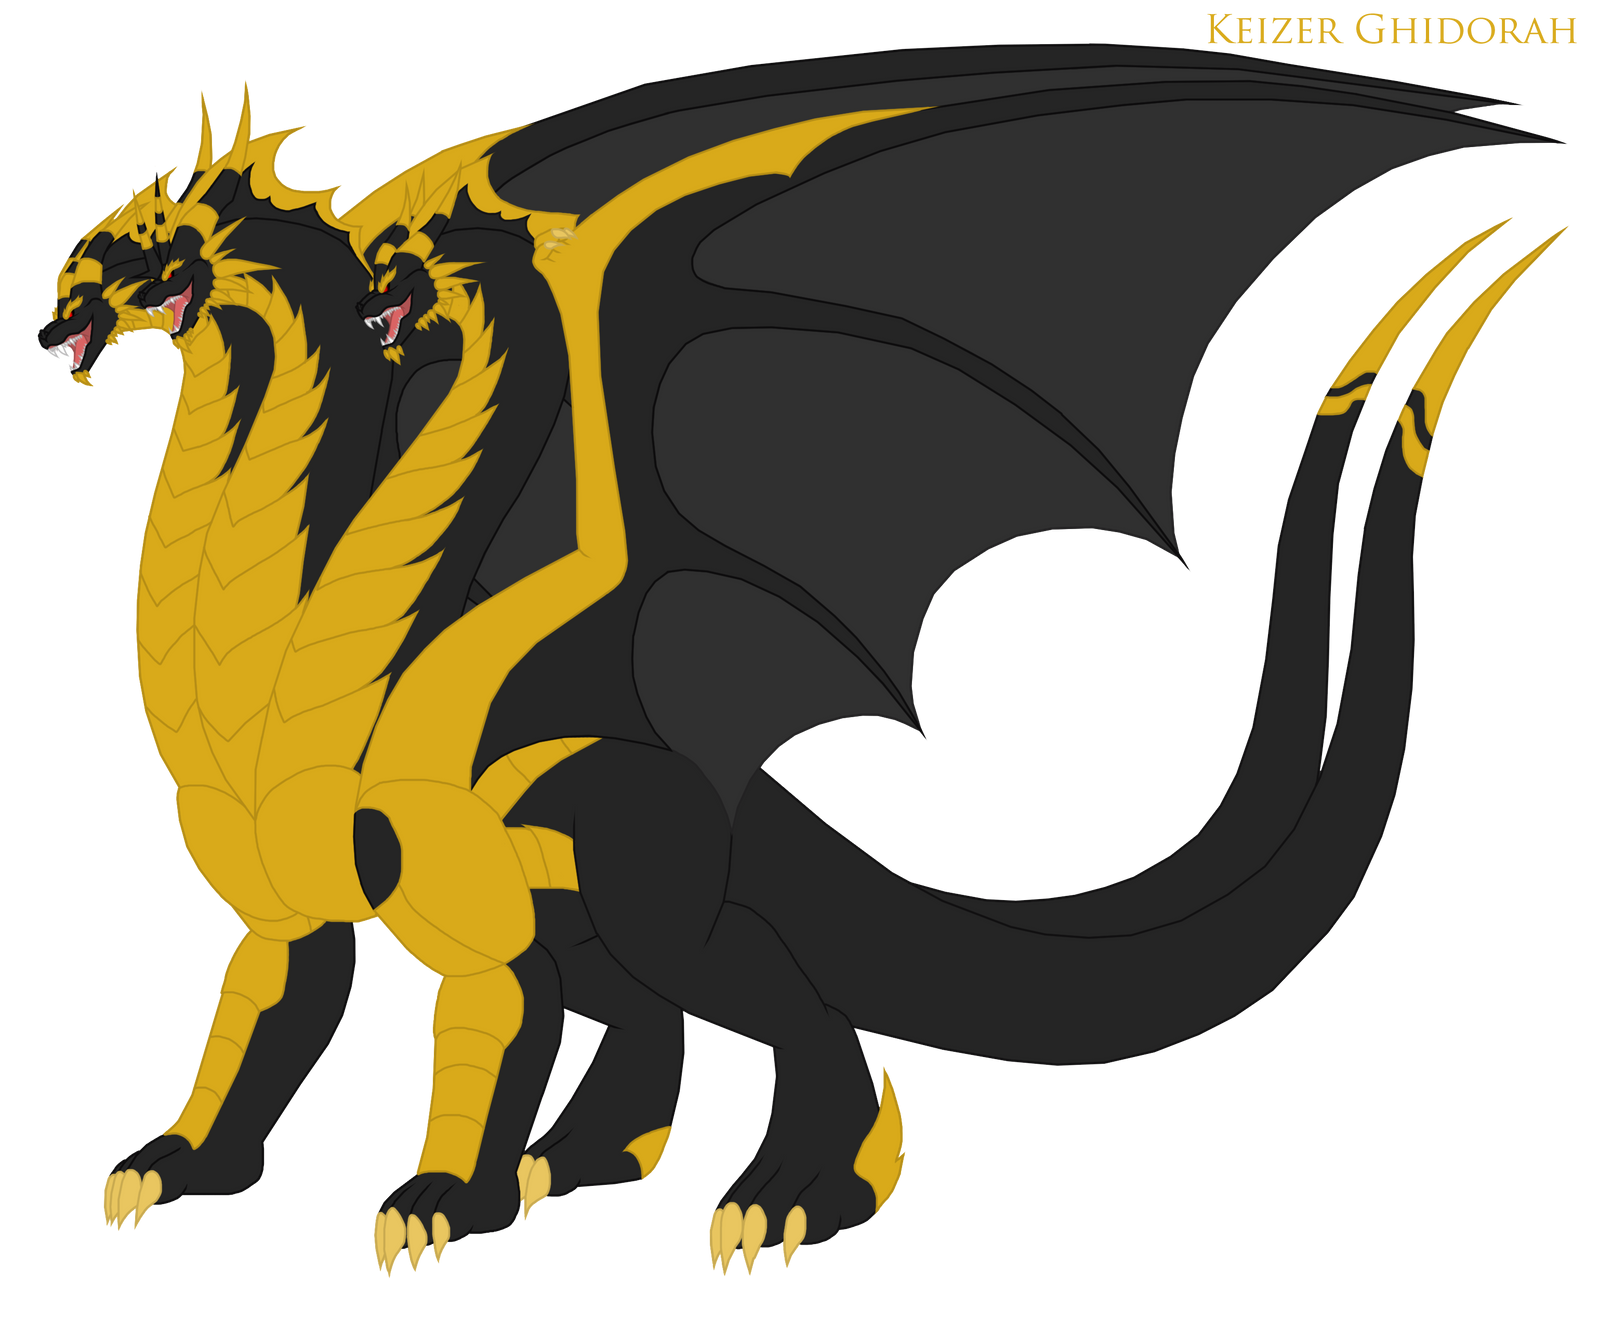 Keizer Ghidorah Redesign By Pyrus-Leonidas On DeviantArt